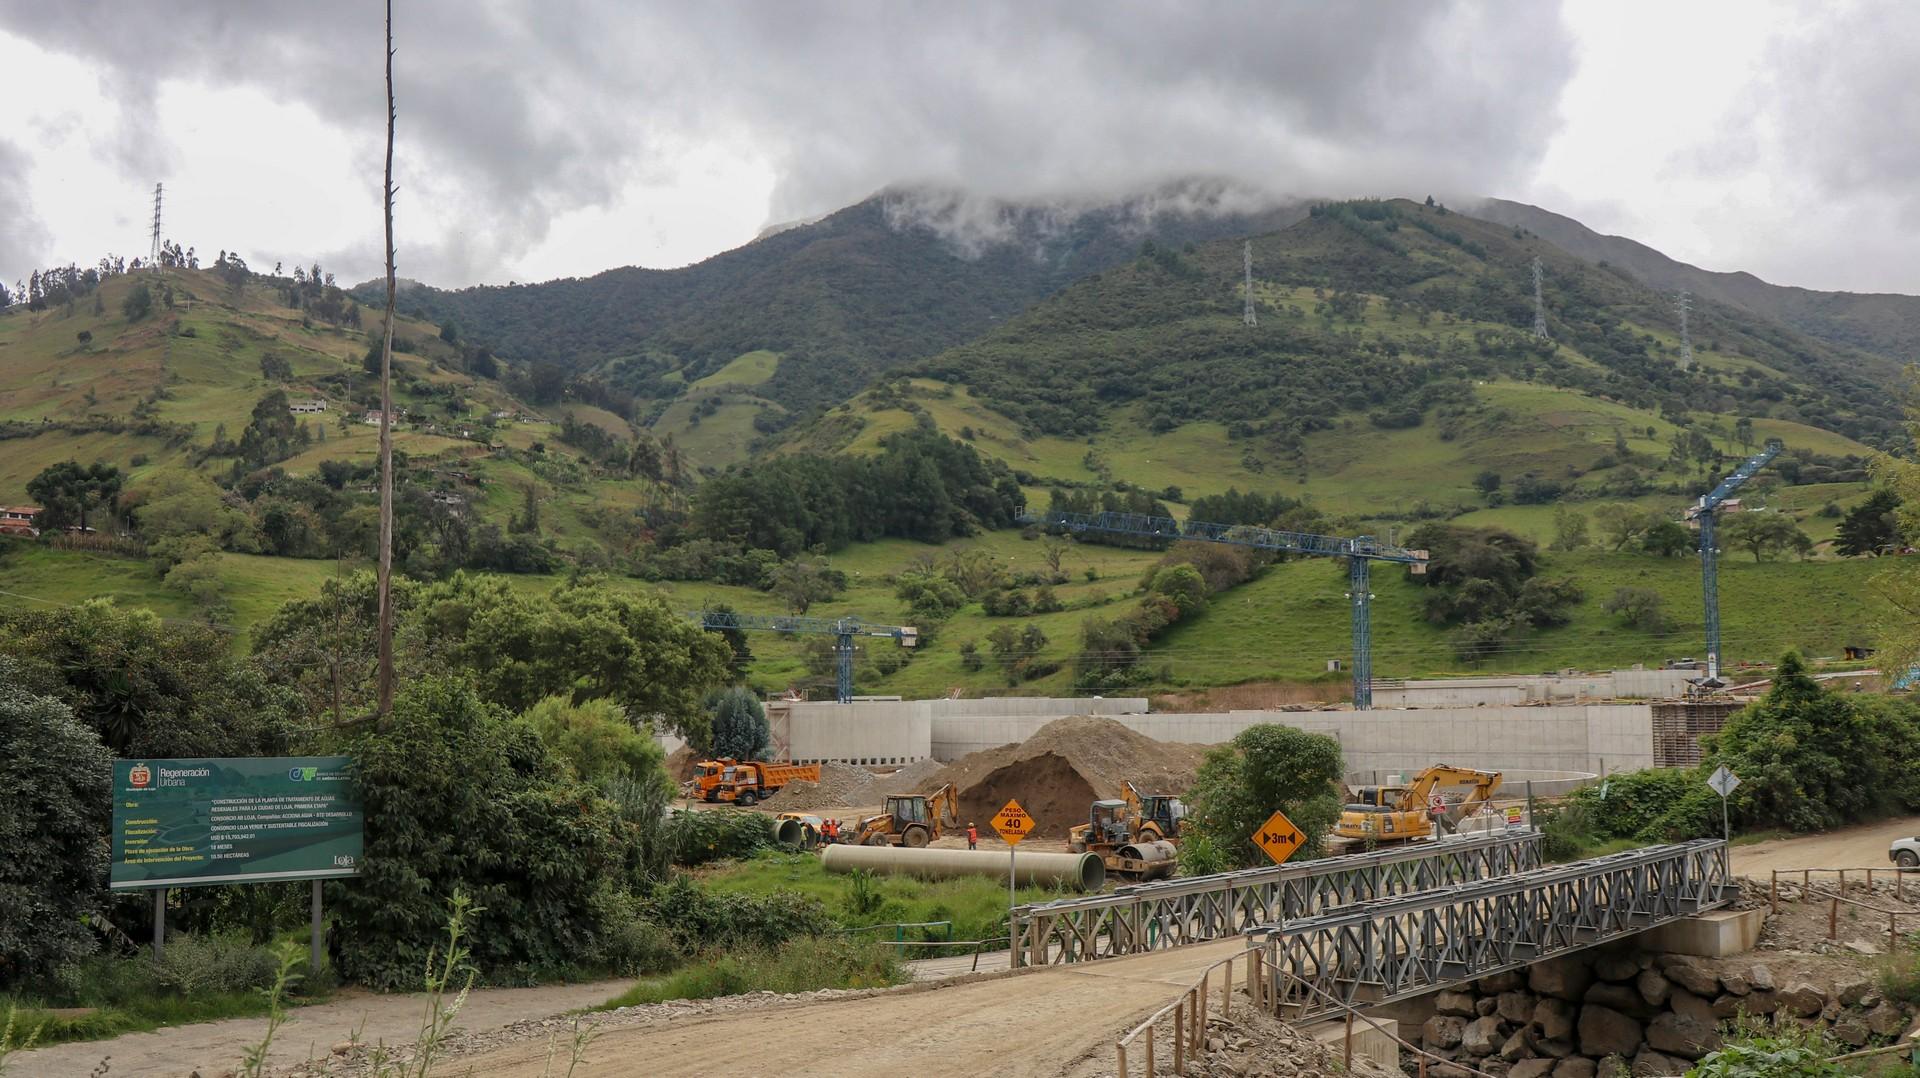 2019-04-08 Saraguro_Lojas-100